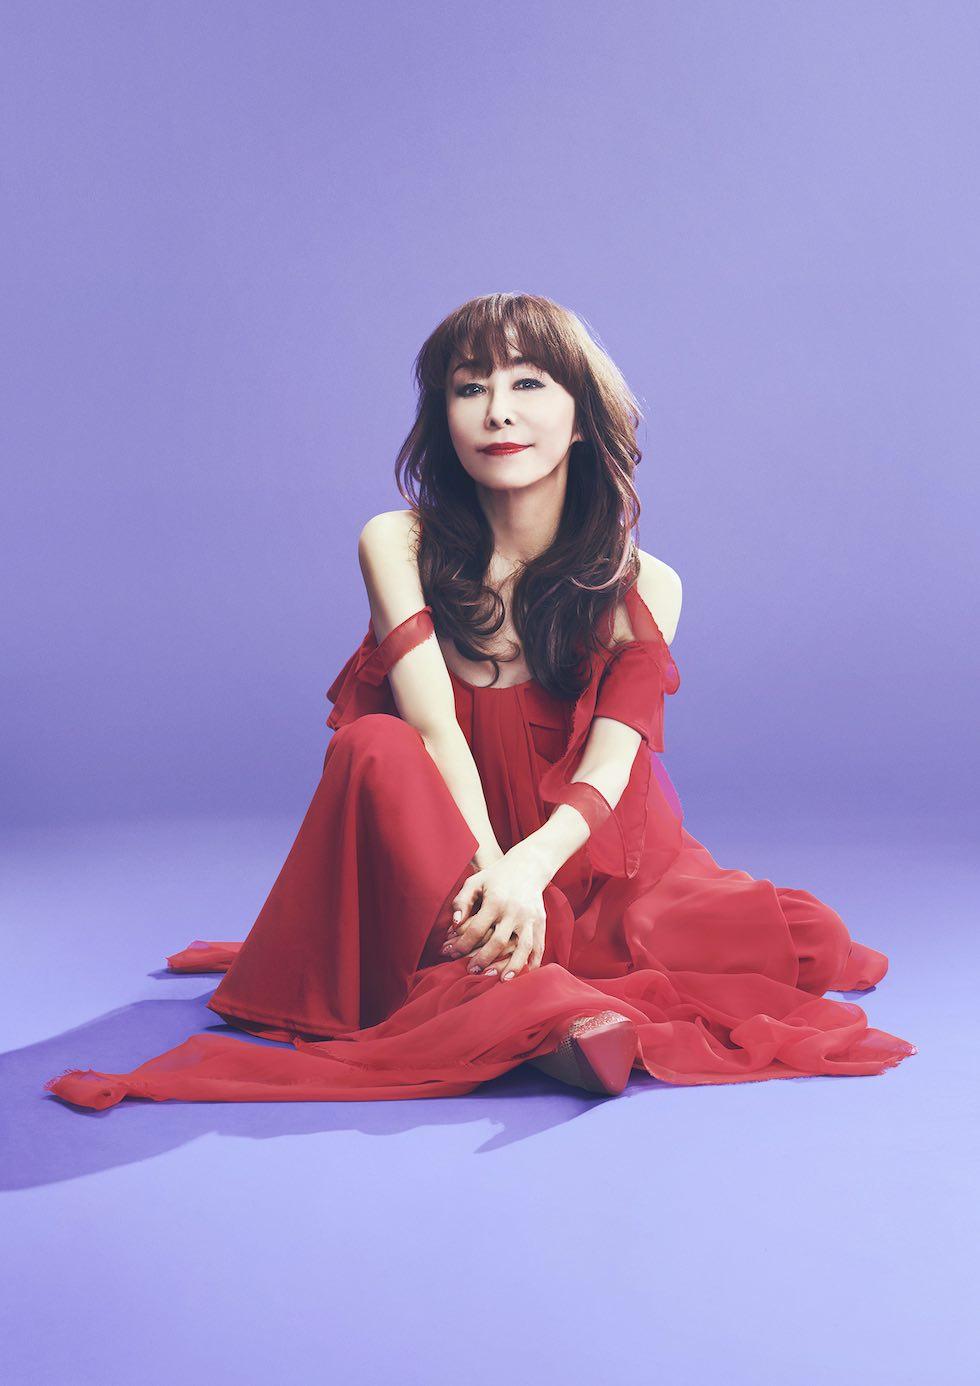 杏子、本日NHK「うたコン」に生出演!ニューアルバム『VIOLET』全曲トレイラーも公開!